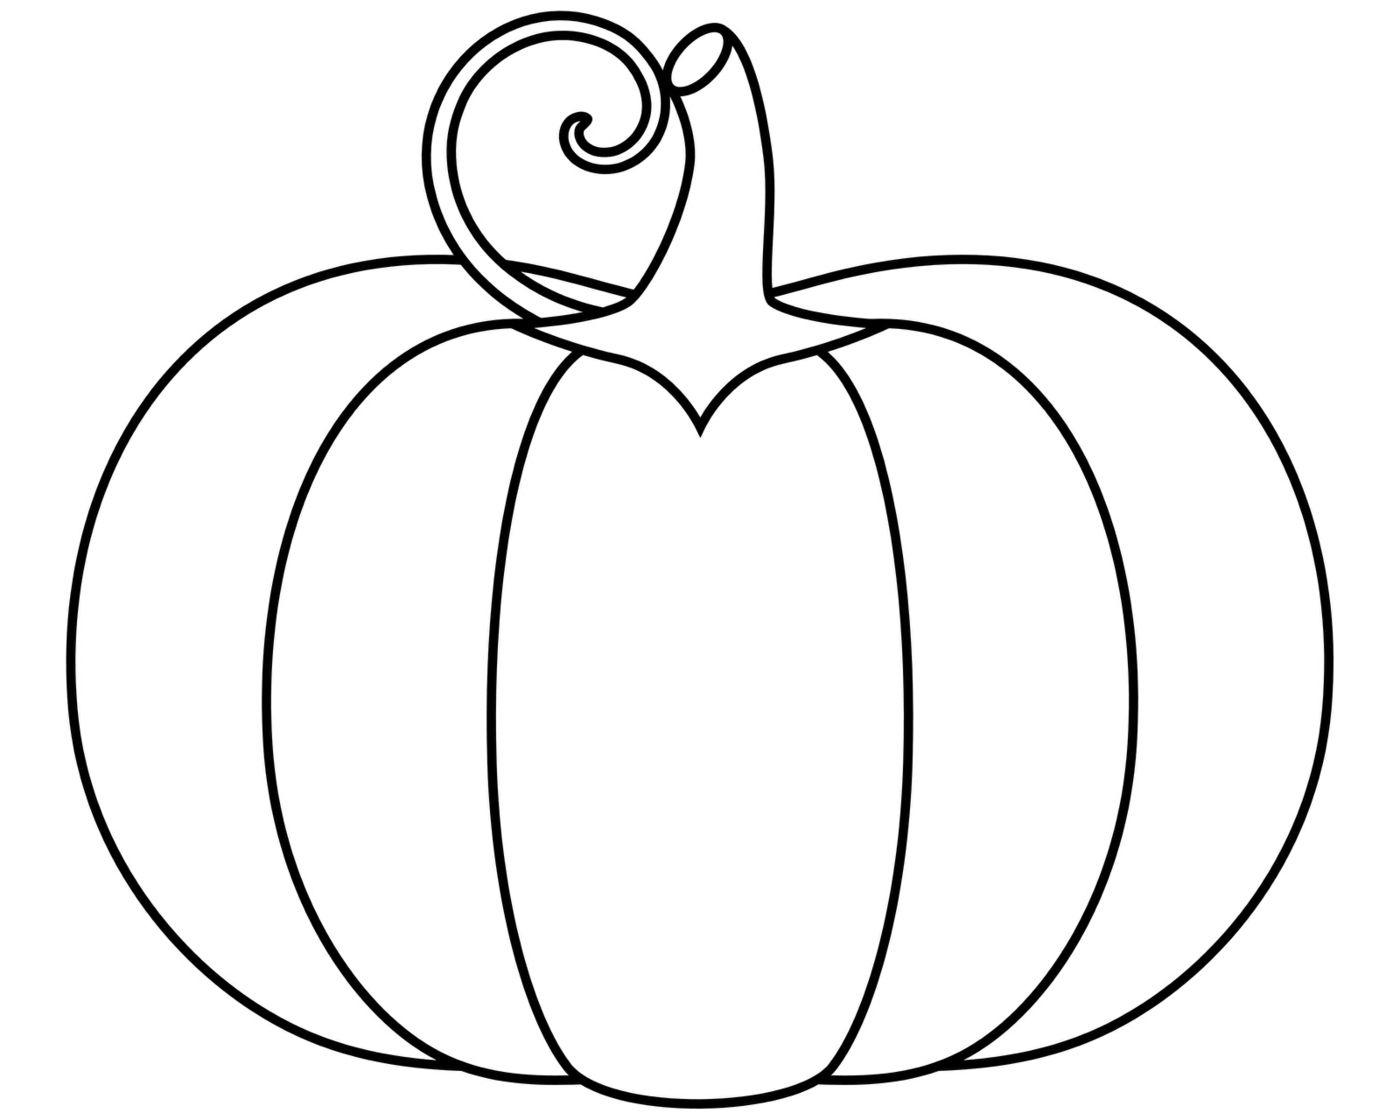 Tolle Bastelvorlagen Für Herbst Als Grundlagen Für Kreative bestimmt für Kürbis Ausmalbild